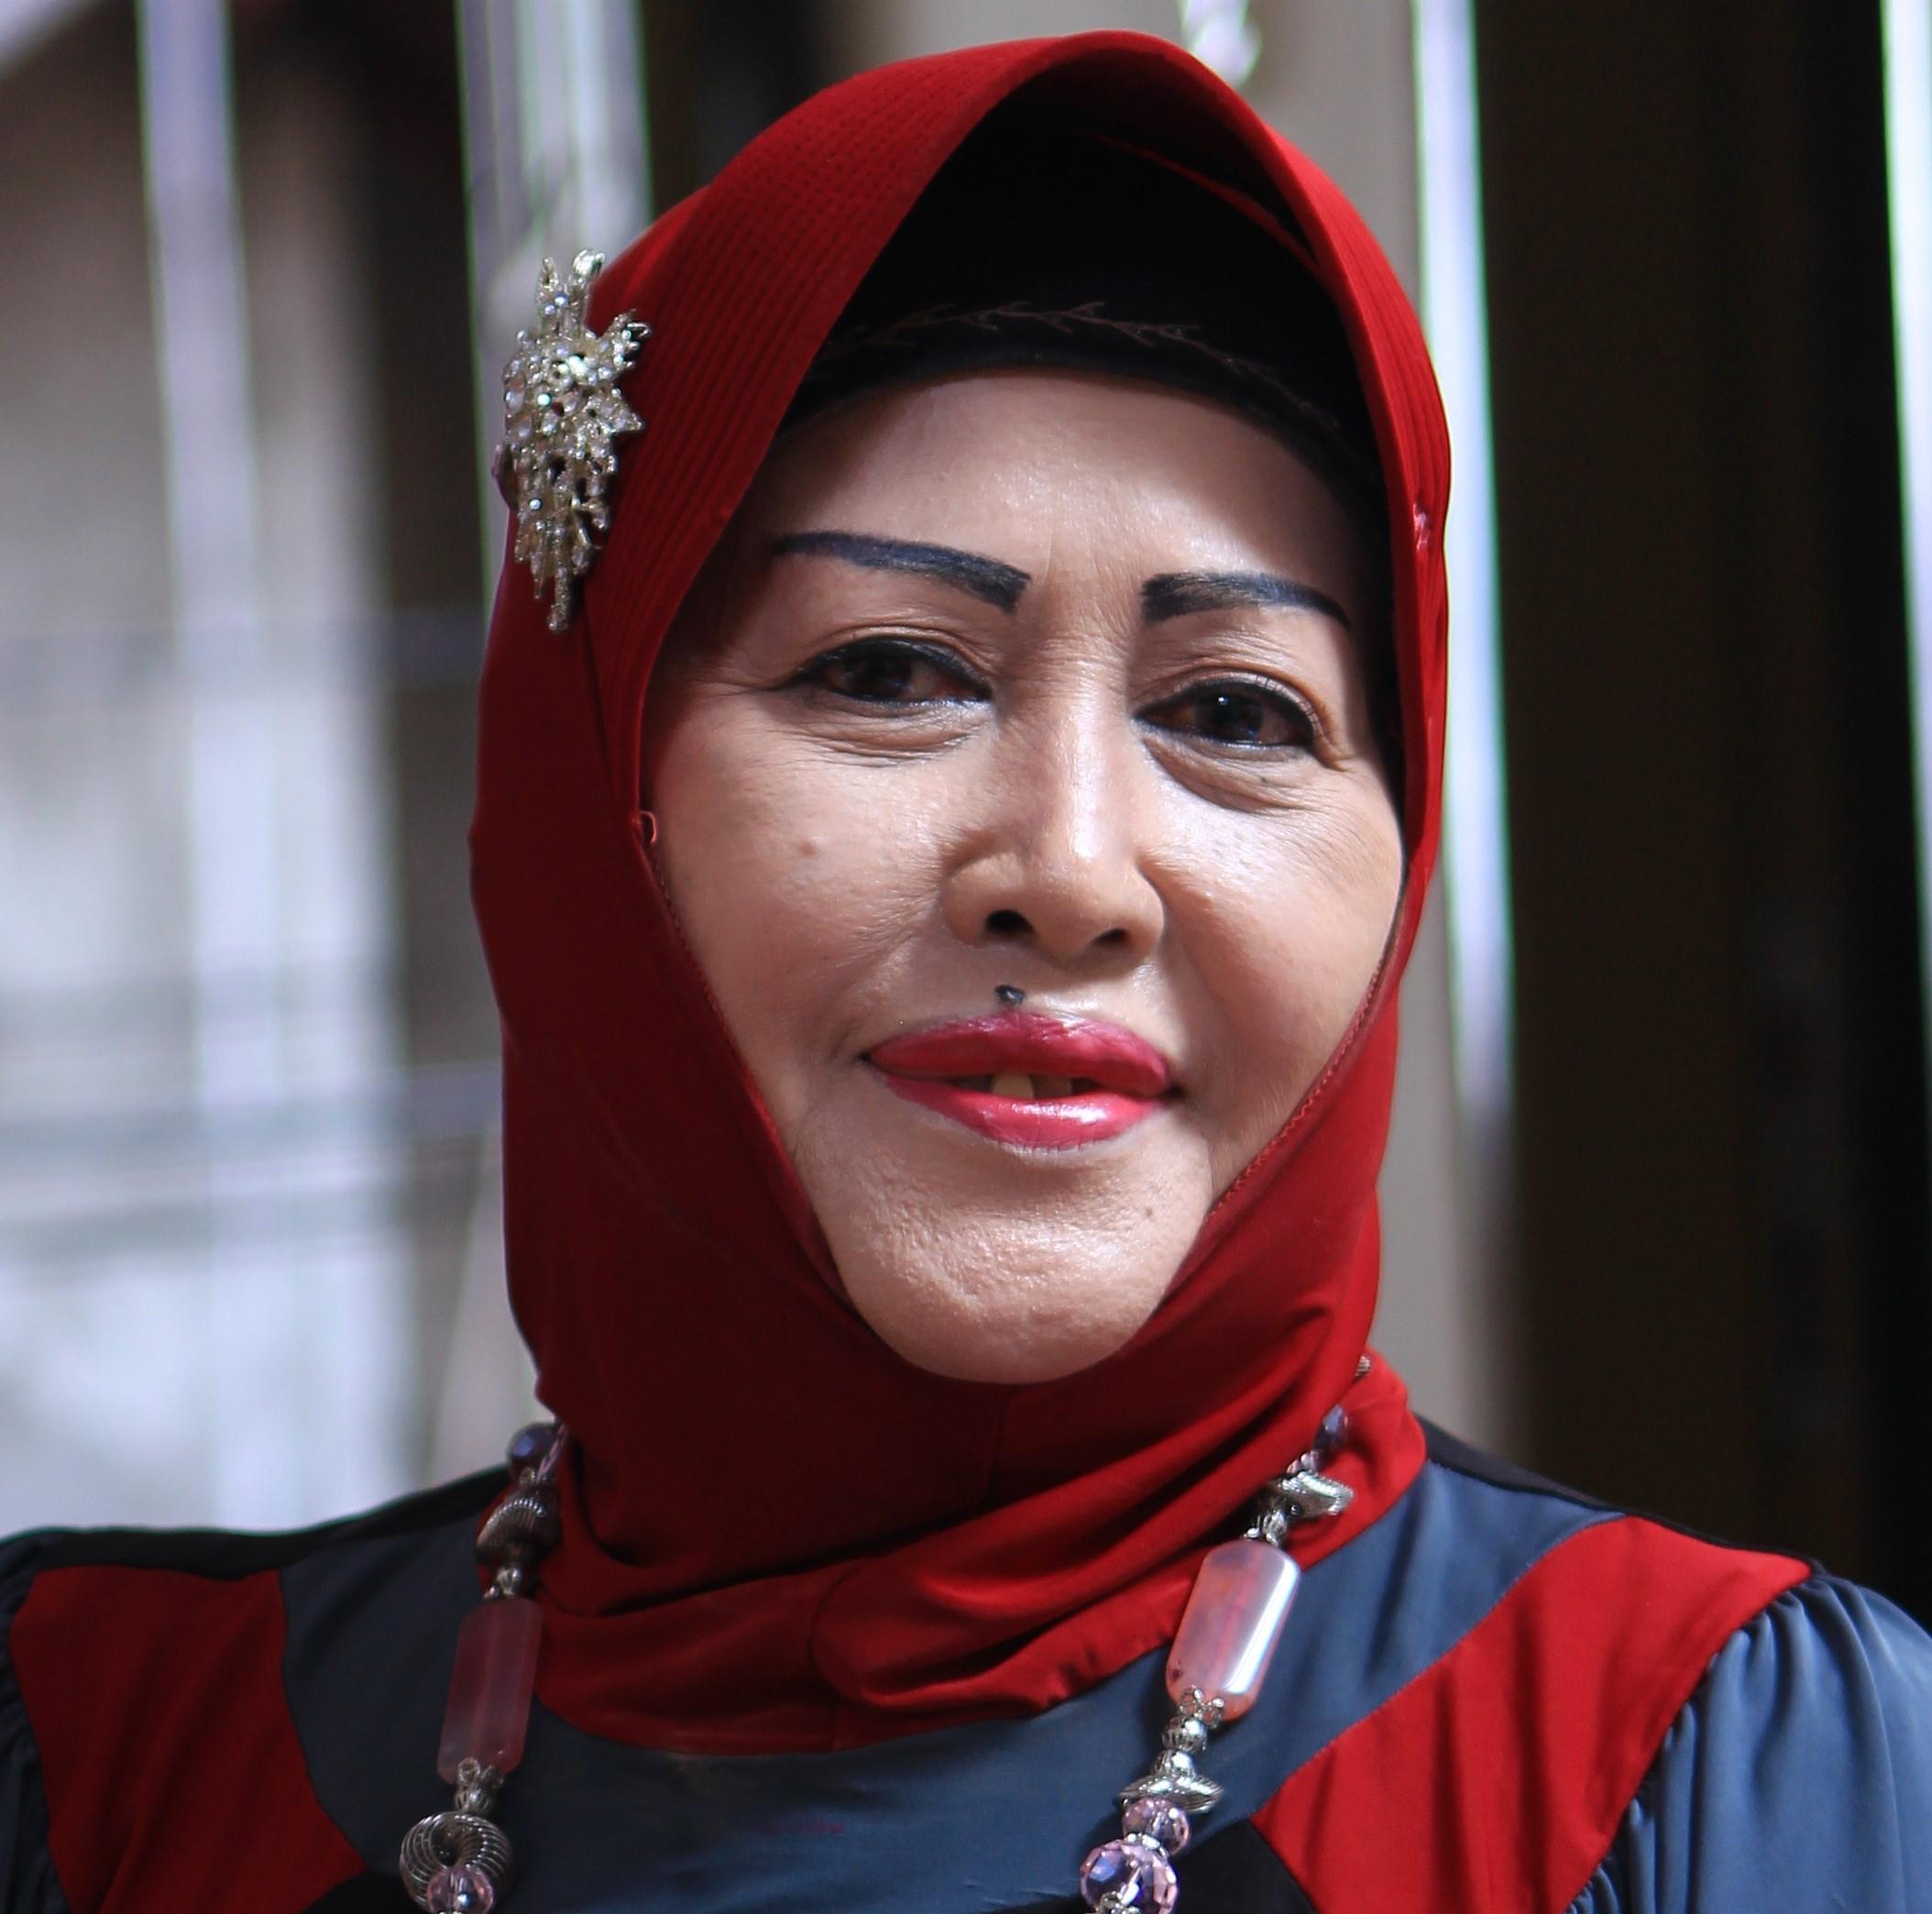 Fatimah Riswati